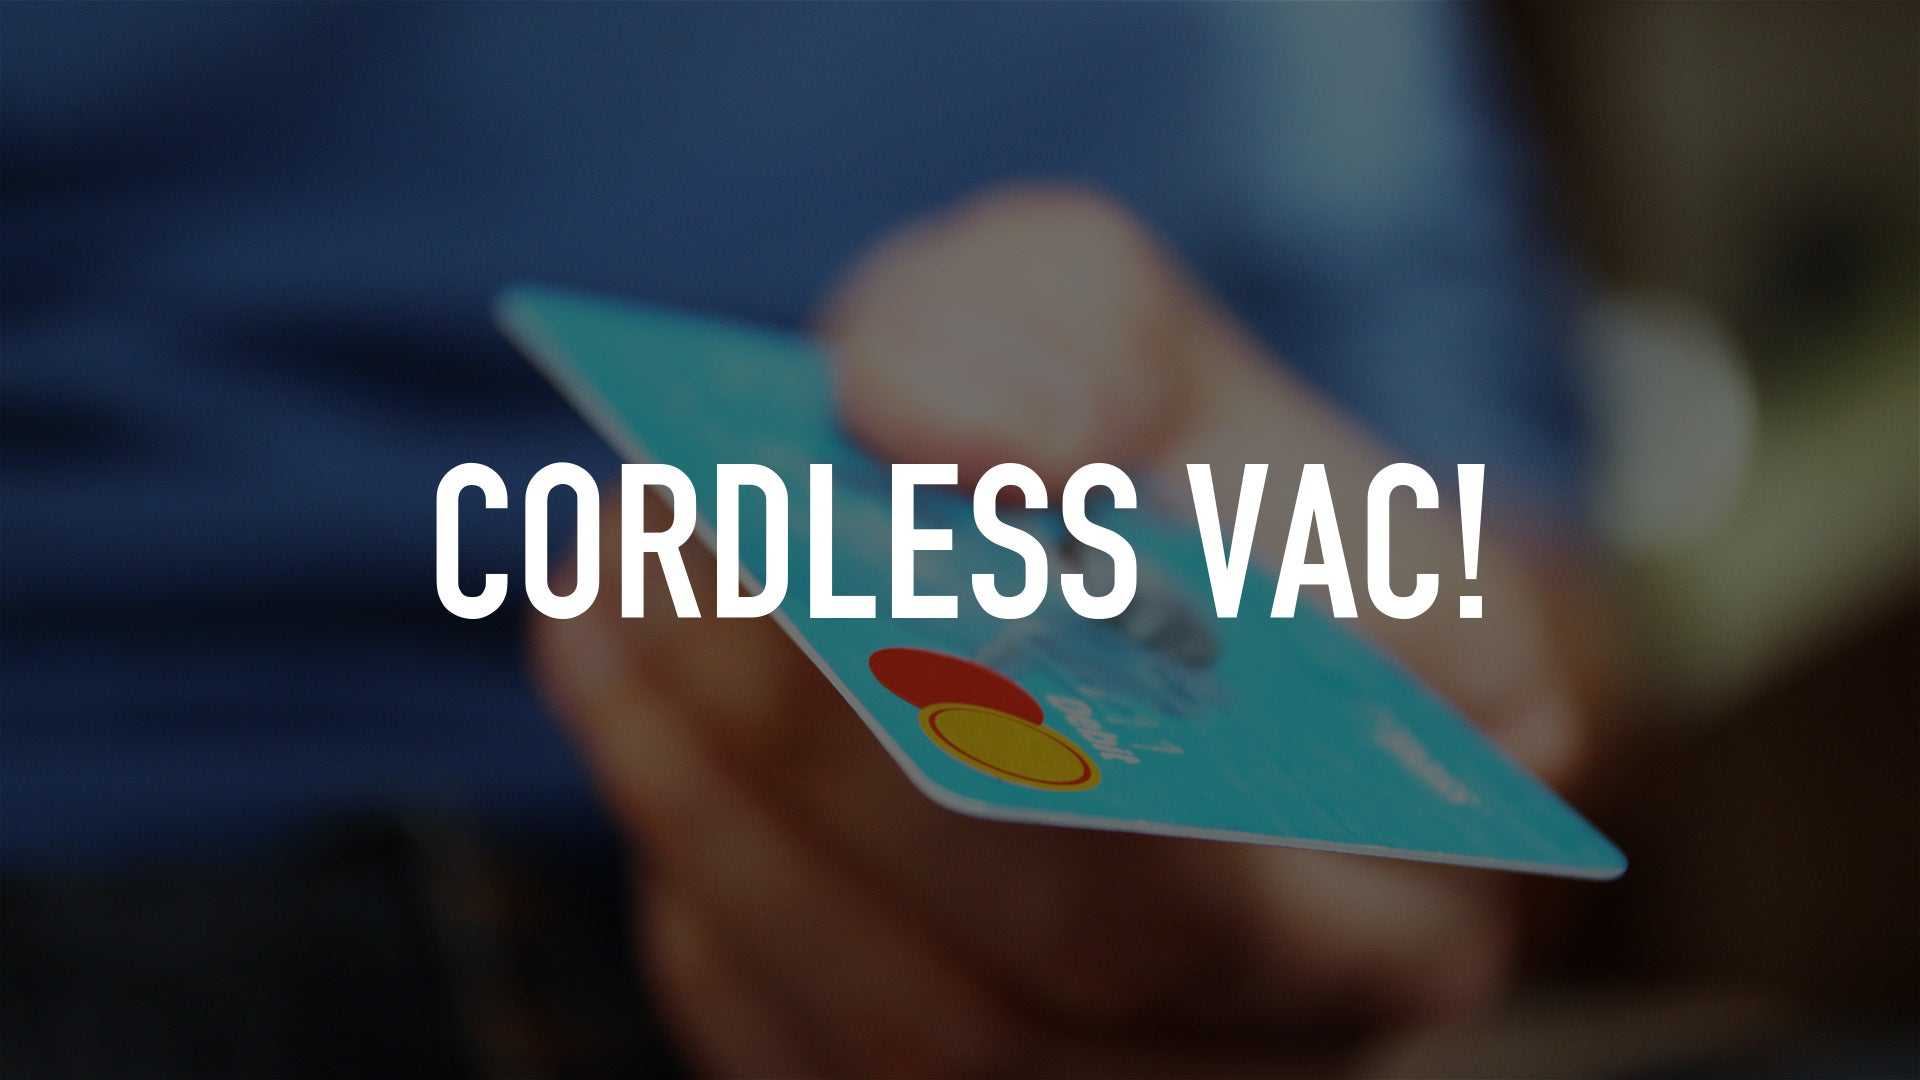 Cordless Vac!